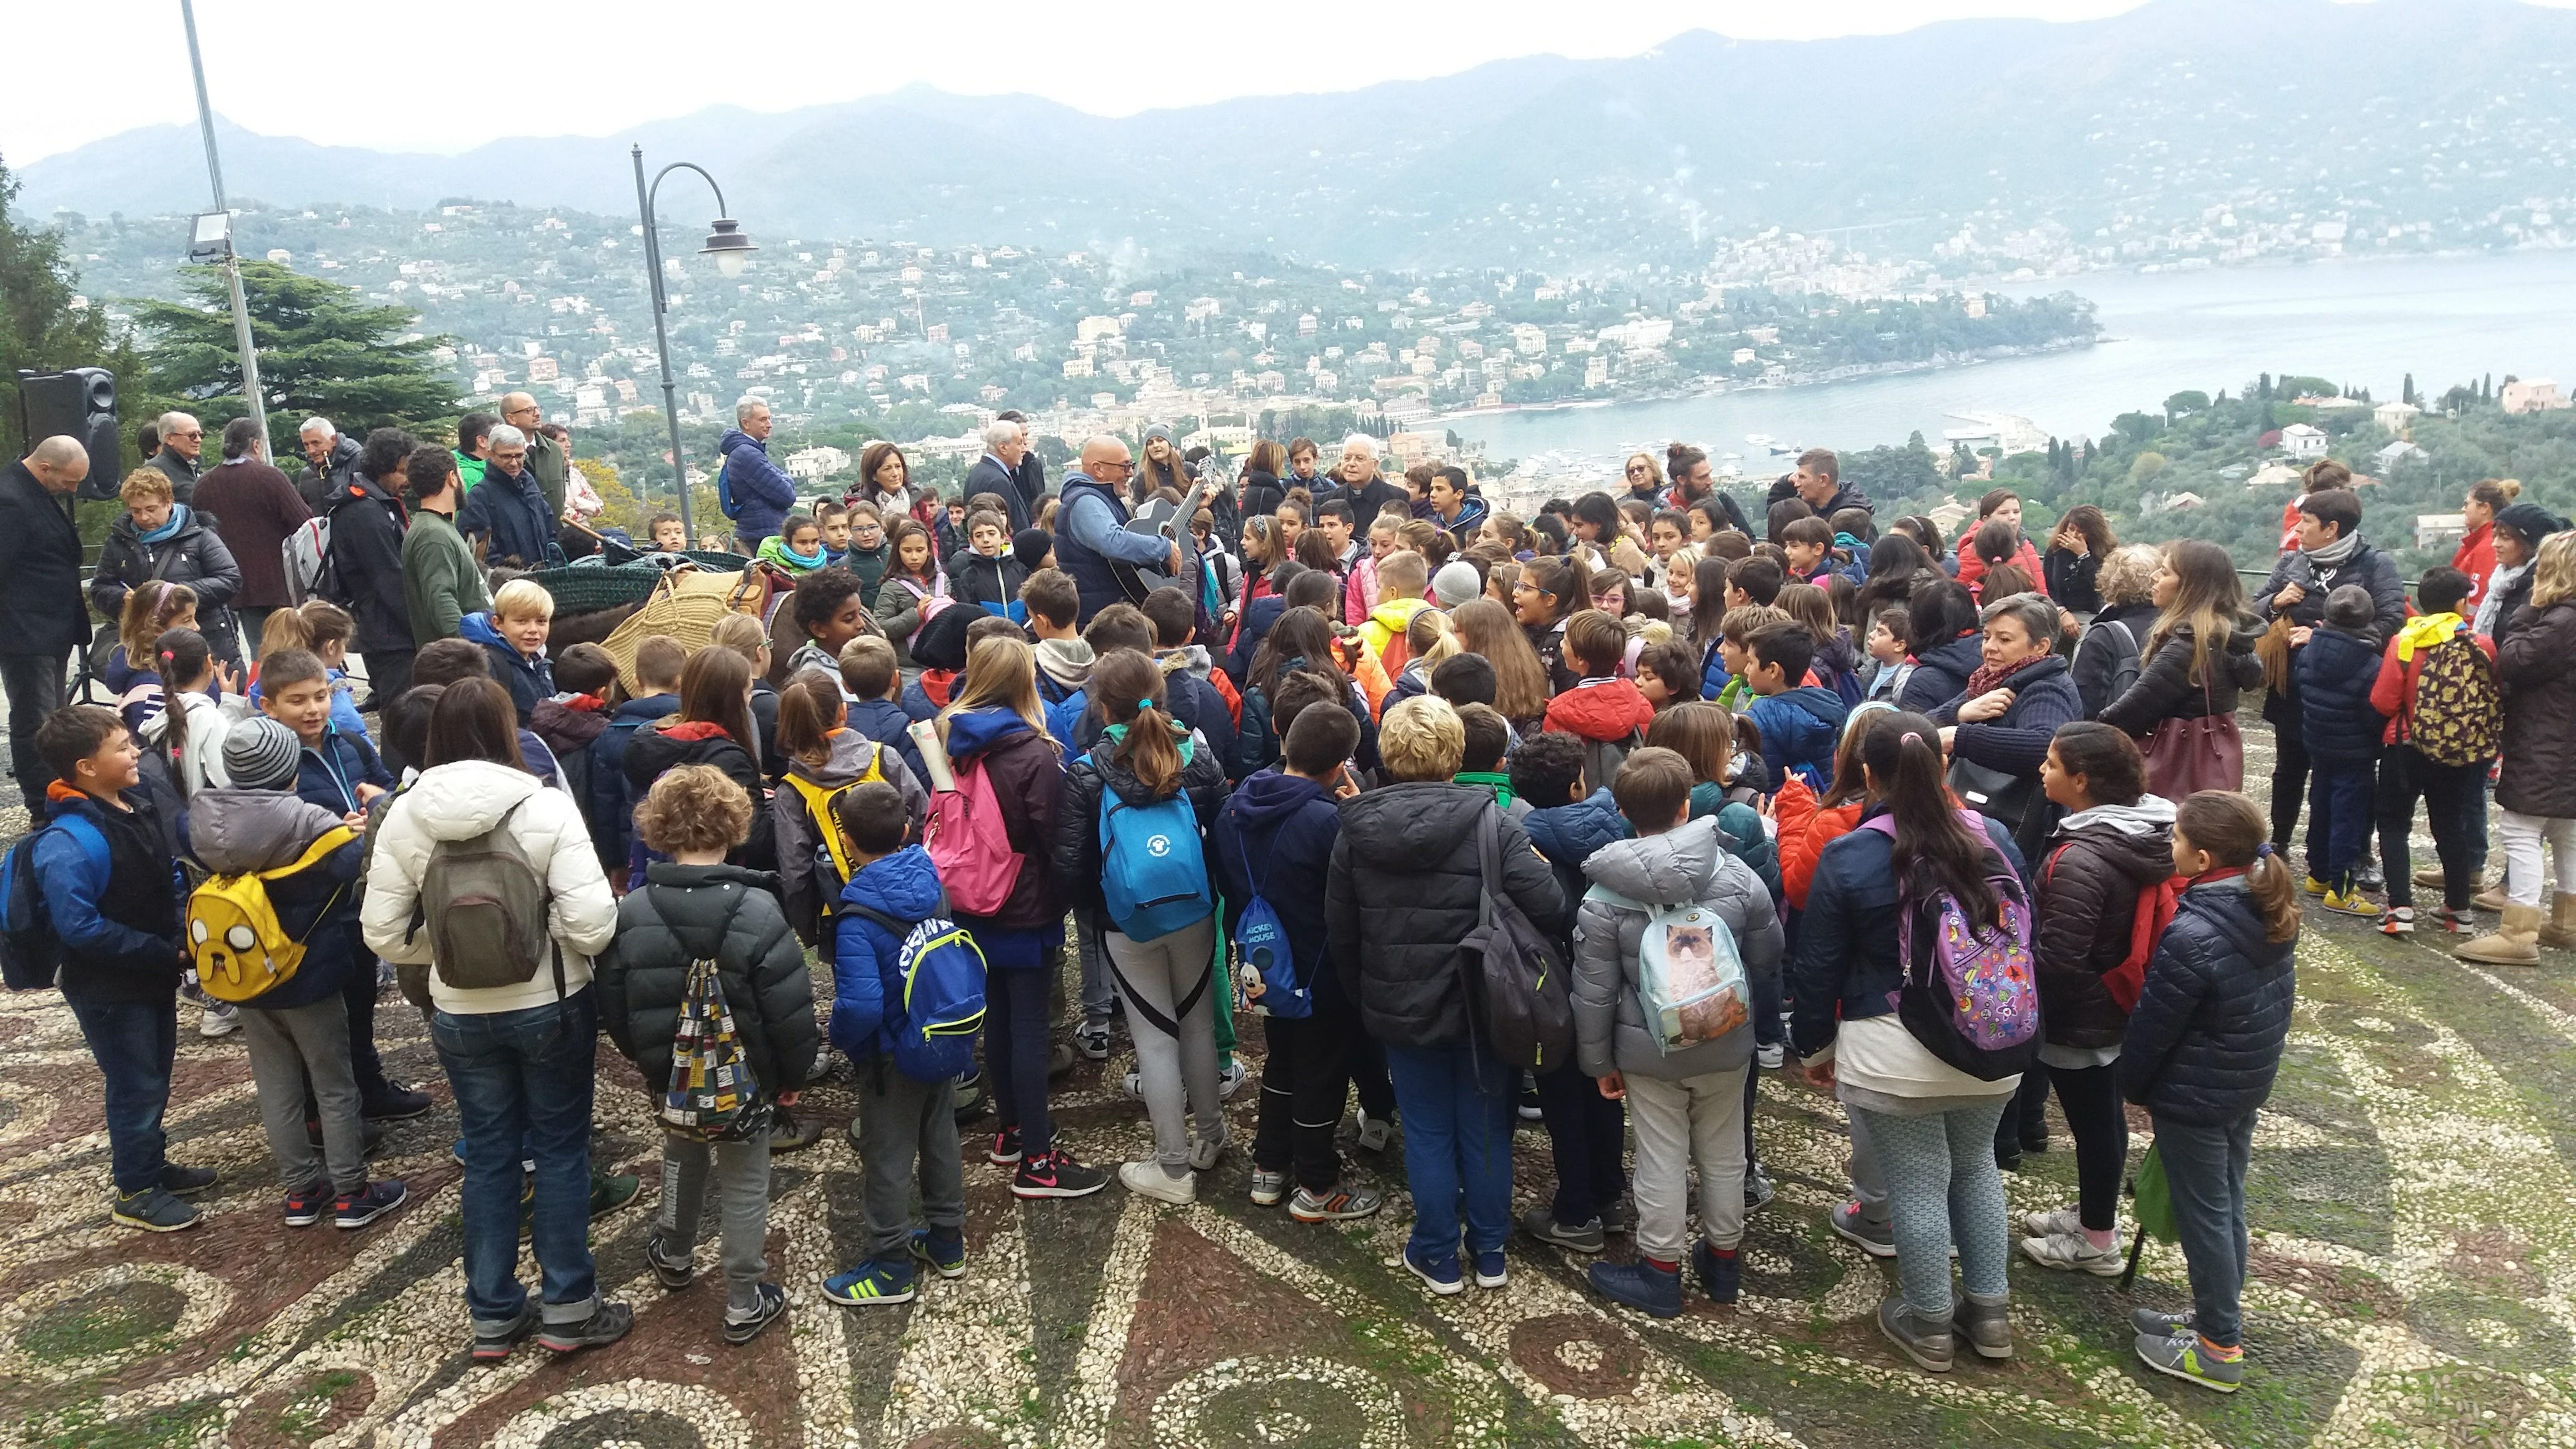 Momenti della Giornata dell'intitolazione del Monte di Portofino (Foto scattata prima delle restrizioni dovute alla pandemia da COVID-19)